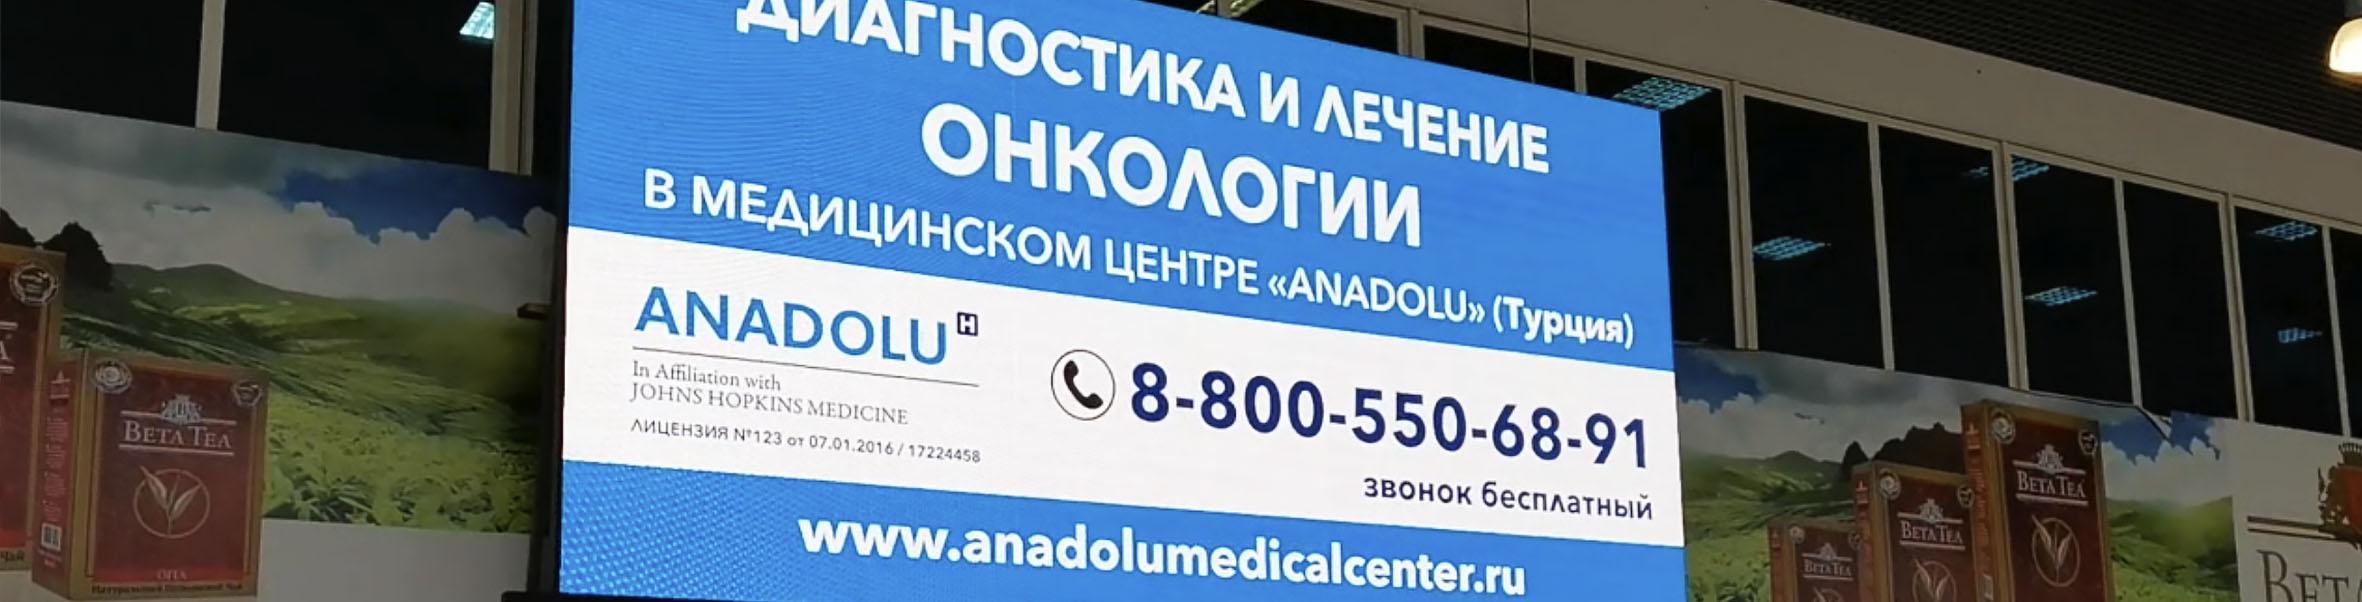 Реклама в аэропорту Махачкала Дагестан